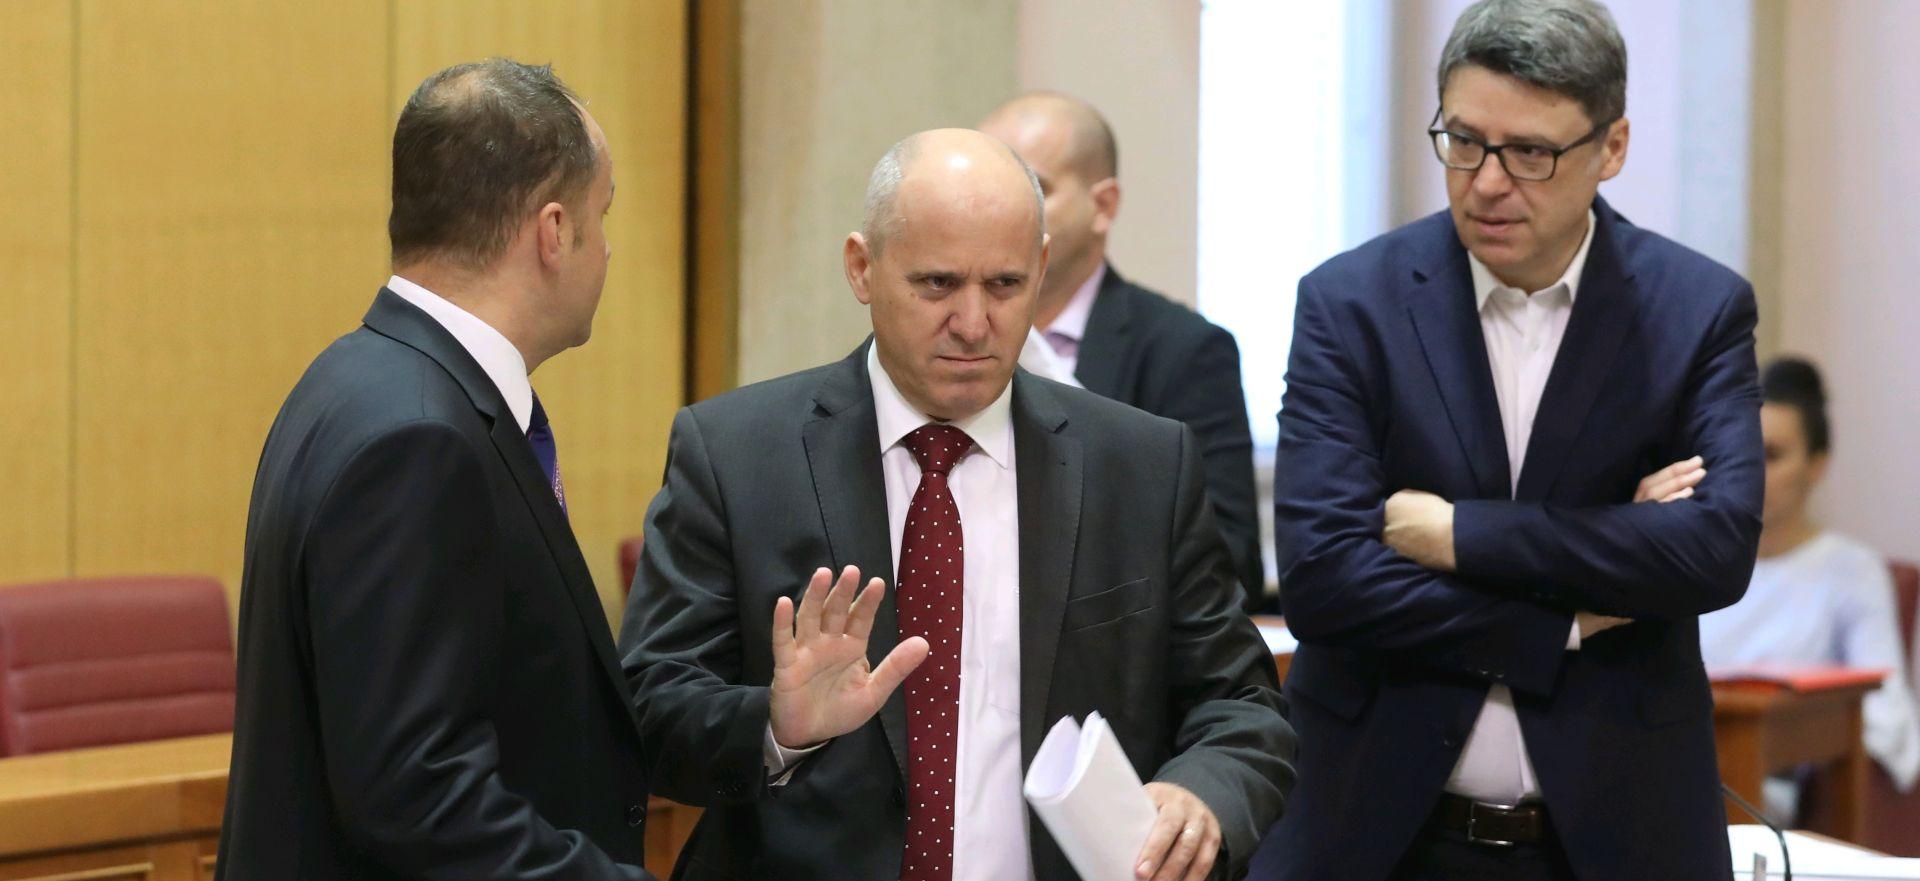 """BAČIĆ """"Most i njihov predsjednik ne prezaju od jefitnih objeda na račun dužnosnika HDZ-a"""""""